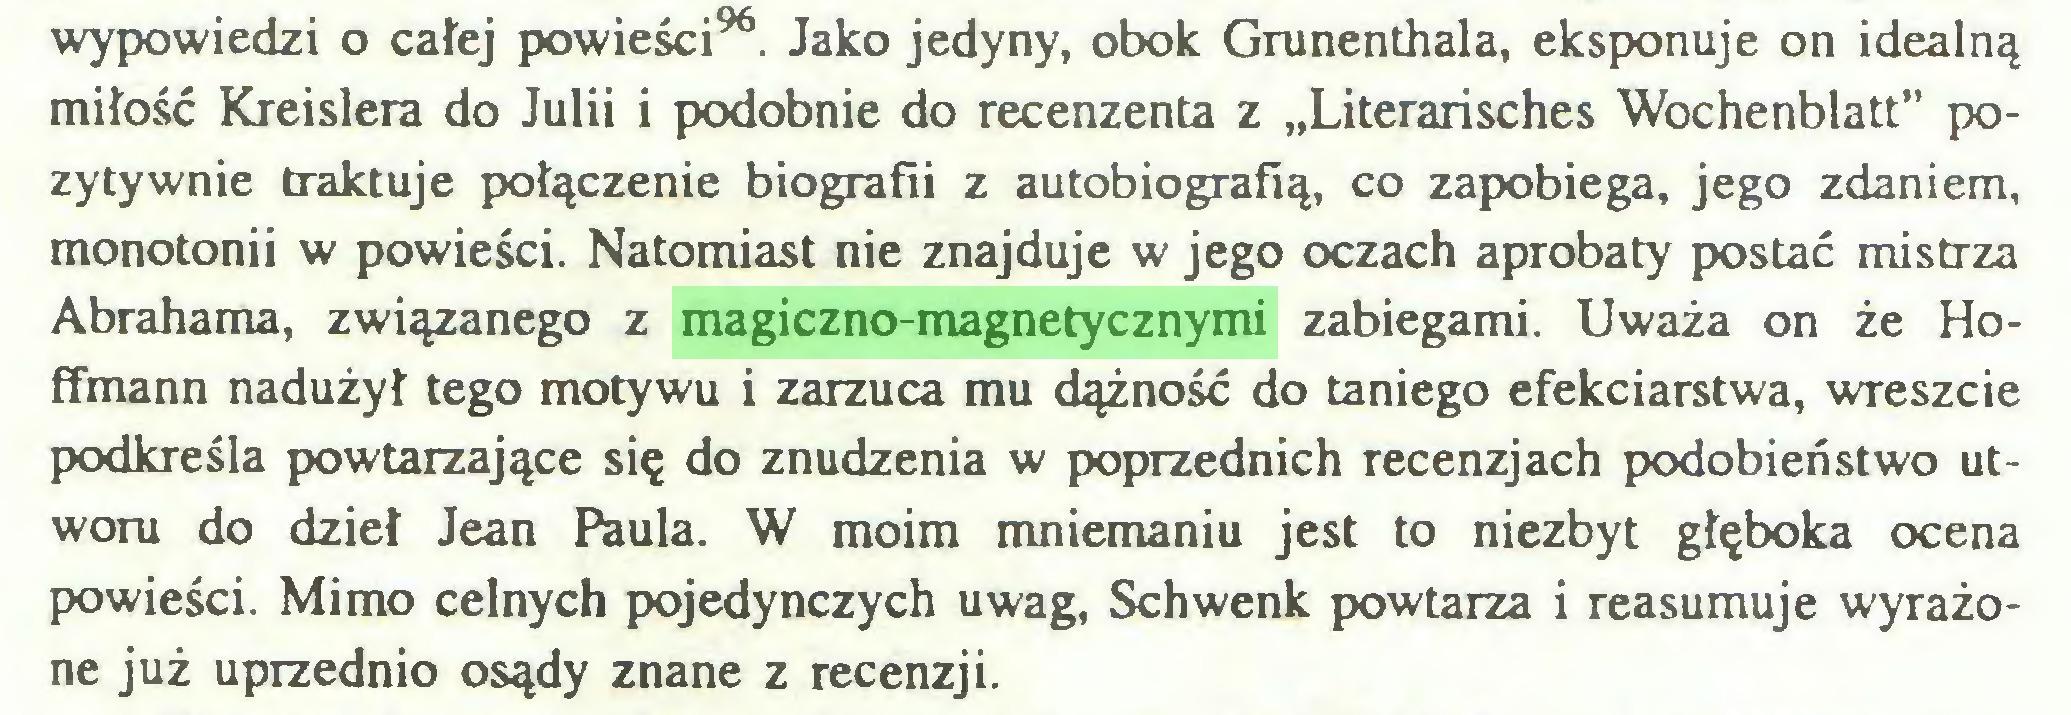 """(...) wypowiedzi o całej powieści96. Jako jedyny, obok Grunenthala, eksponuje on idealną miłość Kreislera do Julii i podobnie do recenzenta z """"Literarisches Wochenblatt"""" pozytywnie traktuje połączenie biografii z autobiografią, co zapobiega, jego zdaniem, monotonii w powieści. Natomiast nie znajduje w jego oczach aprobaty postać mistrza Abrahama, związanego z magiczno-magnetycznymi zabiegami. Uważa on że Hoffmann nadużył tego motywu i zarzuca mu dążność do taniego efekciarstwa, wreszcie podkreśla powtarzające się do znudzenia w poprzednich recenzjach podobieństwo utworu do dzieł Jean Paula. W moim mniemaniu jest to niezbyt głęboka ocena powieści. Mimo celnych pojedynczych uwag, Schwenk powtarza i reasumuje wyrażone już uprzednio osądy znane z recenzji..."""